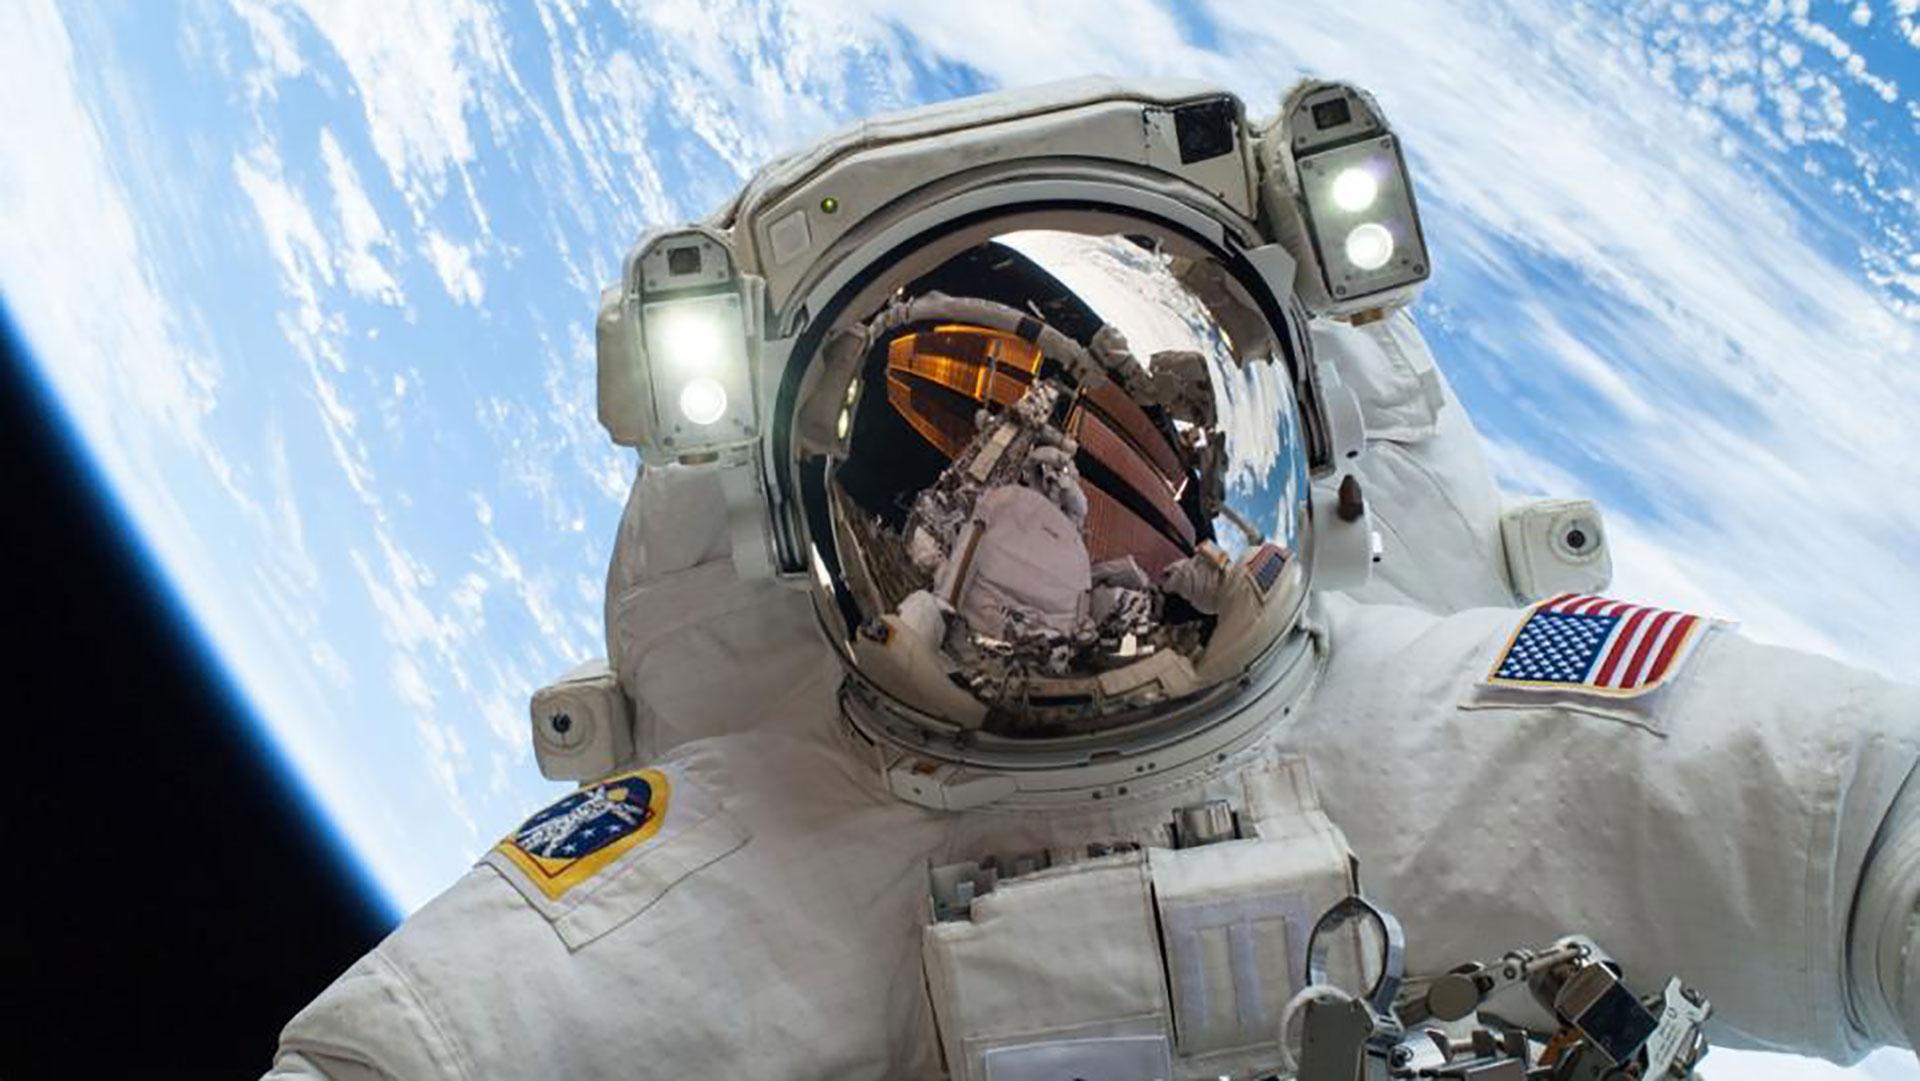 Astronauta Flotando En El Espacio Exterior: Los 11 Mejores Selfies De Astronautas Caminando En El